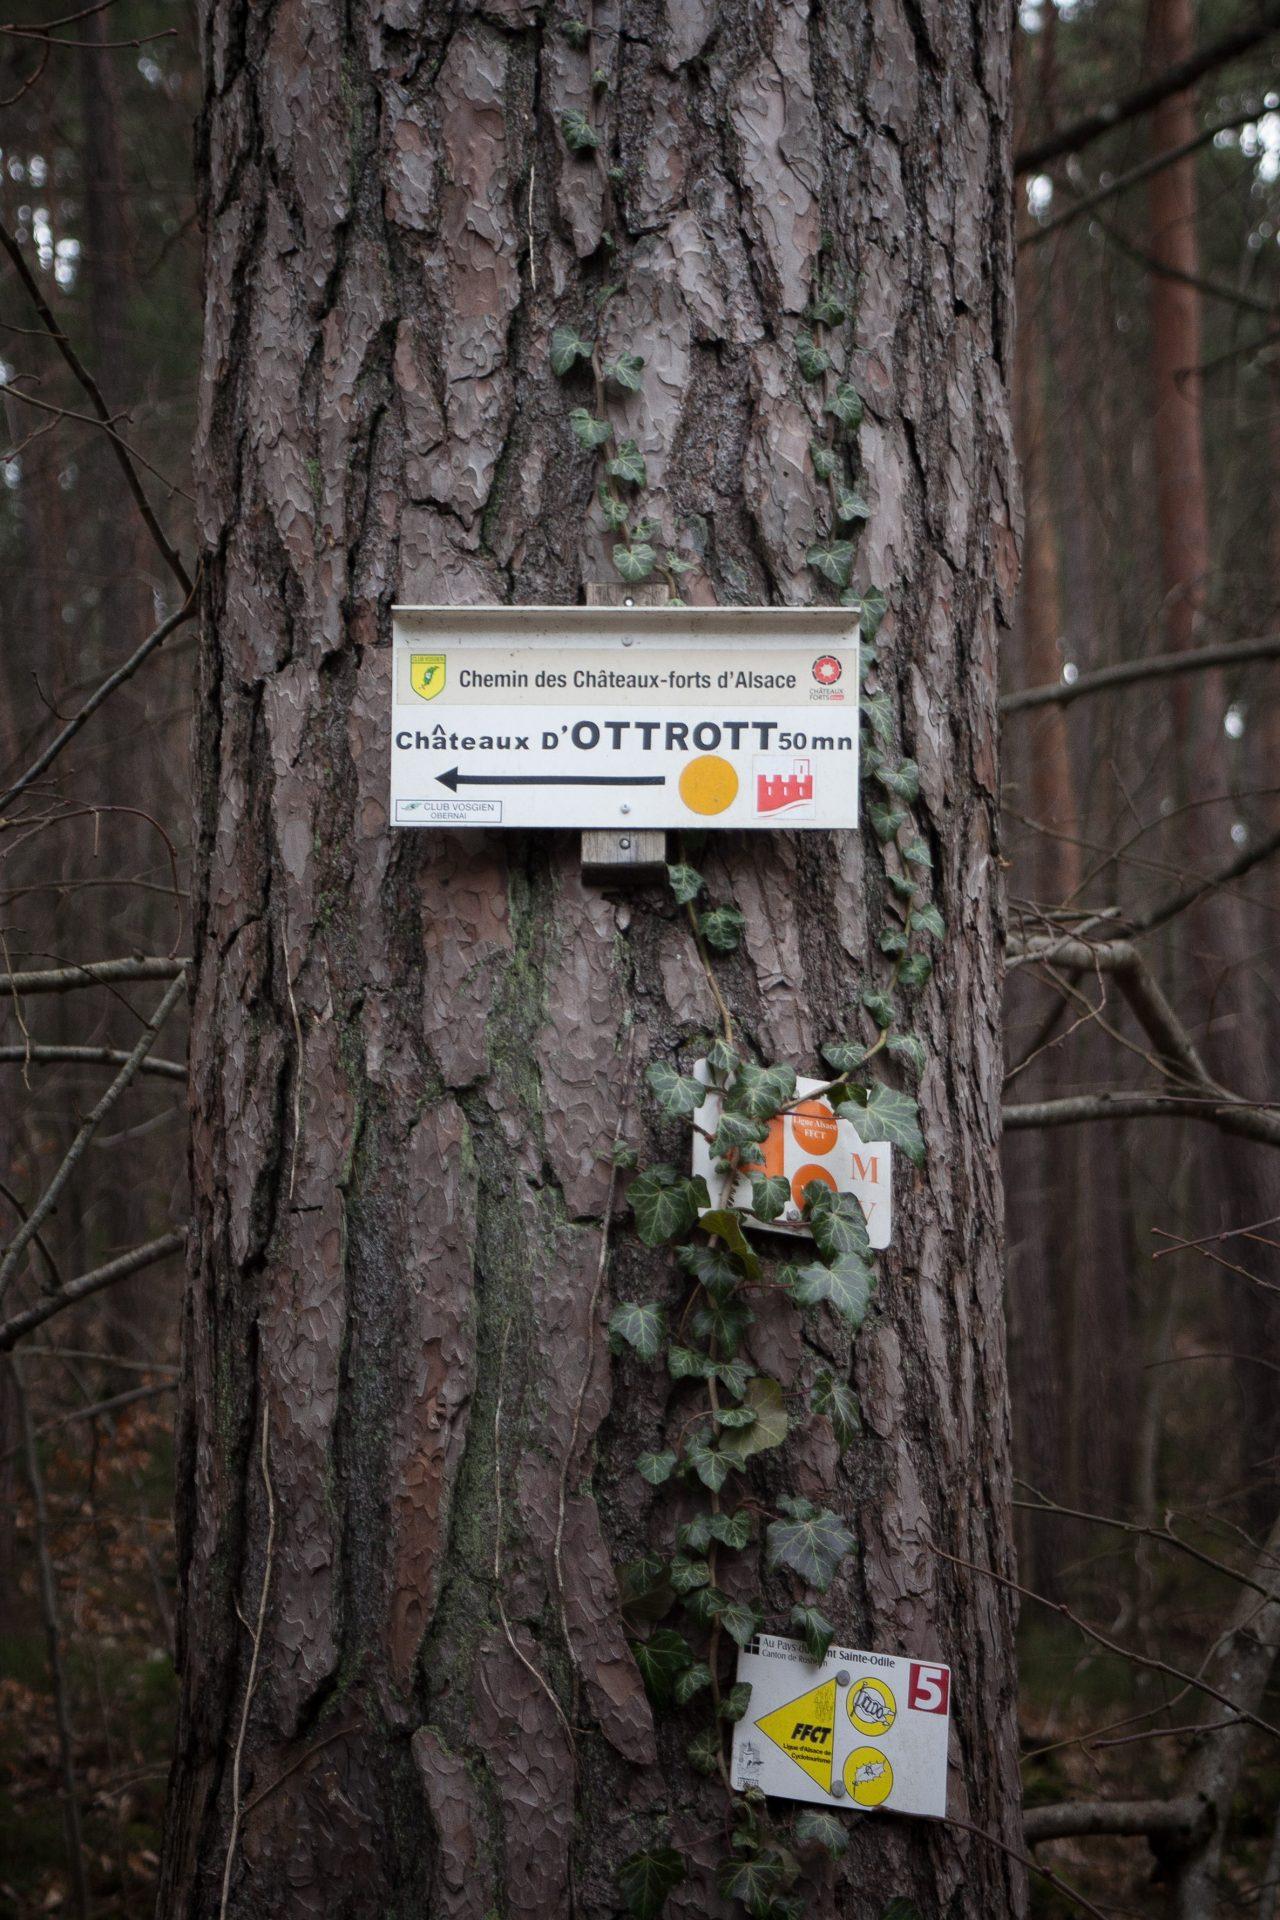 Panneau directionnel indiquant les châteaux d'Ottrott à côté du Mont Sainte-Odile